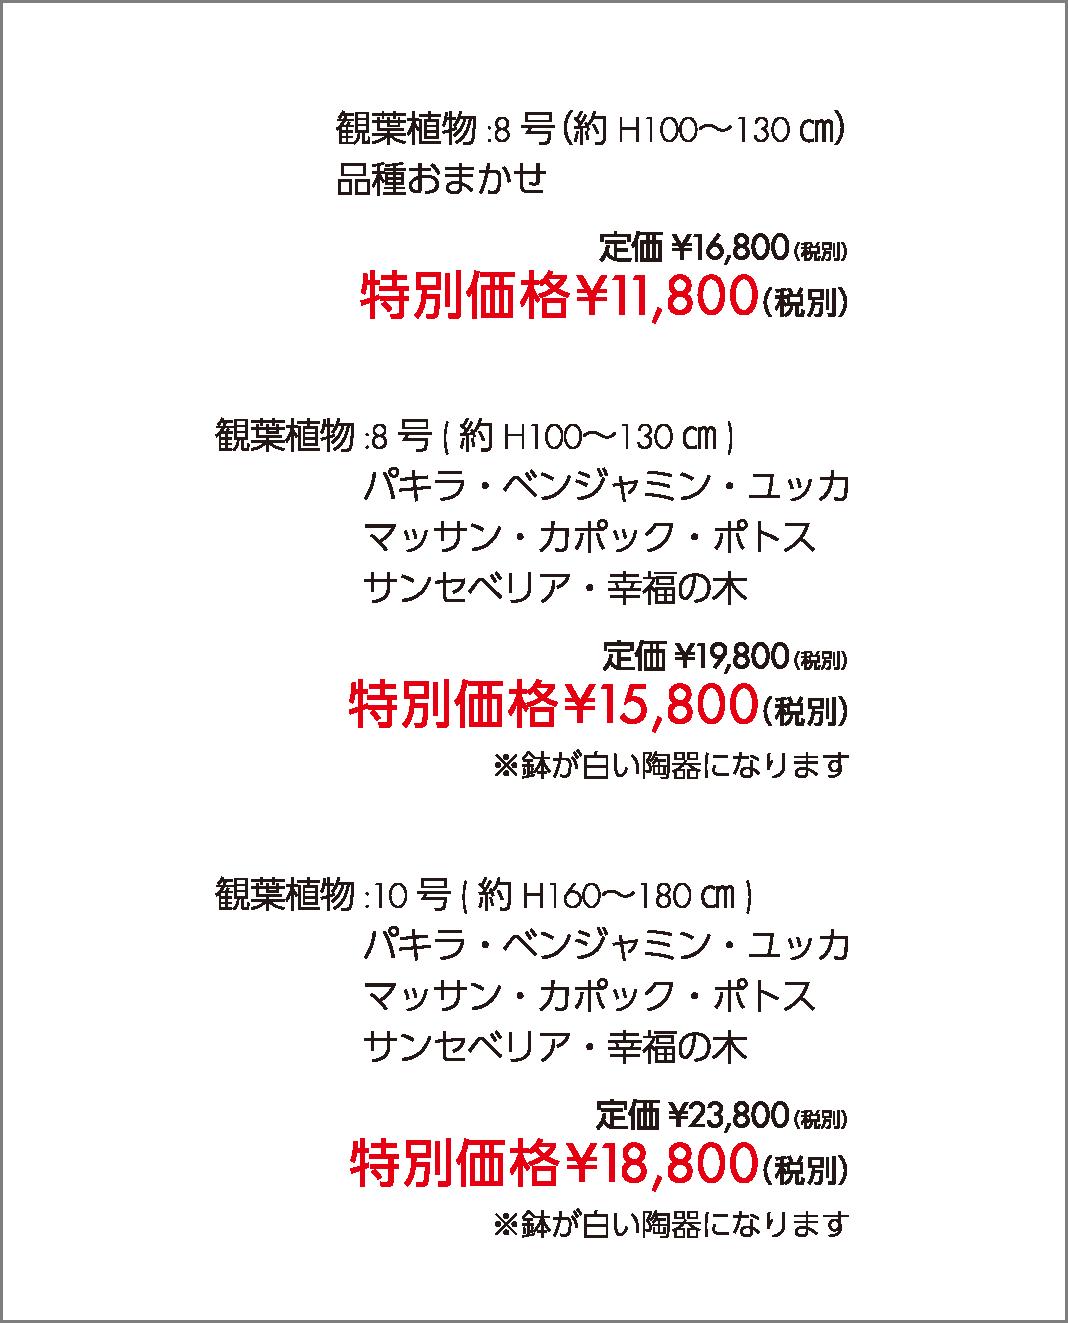 特別価格11,800~18,000円